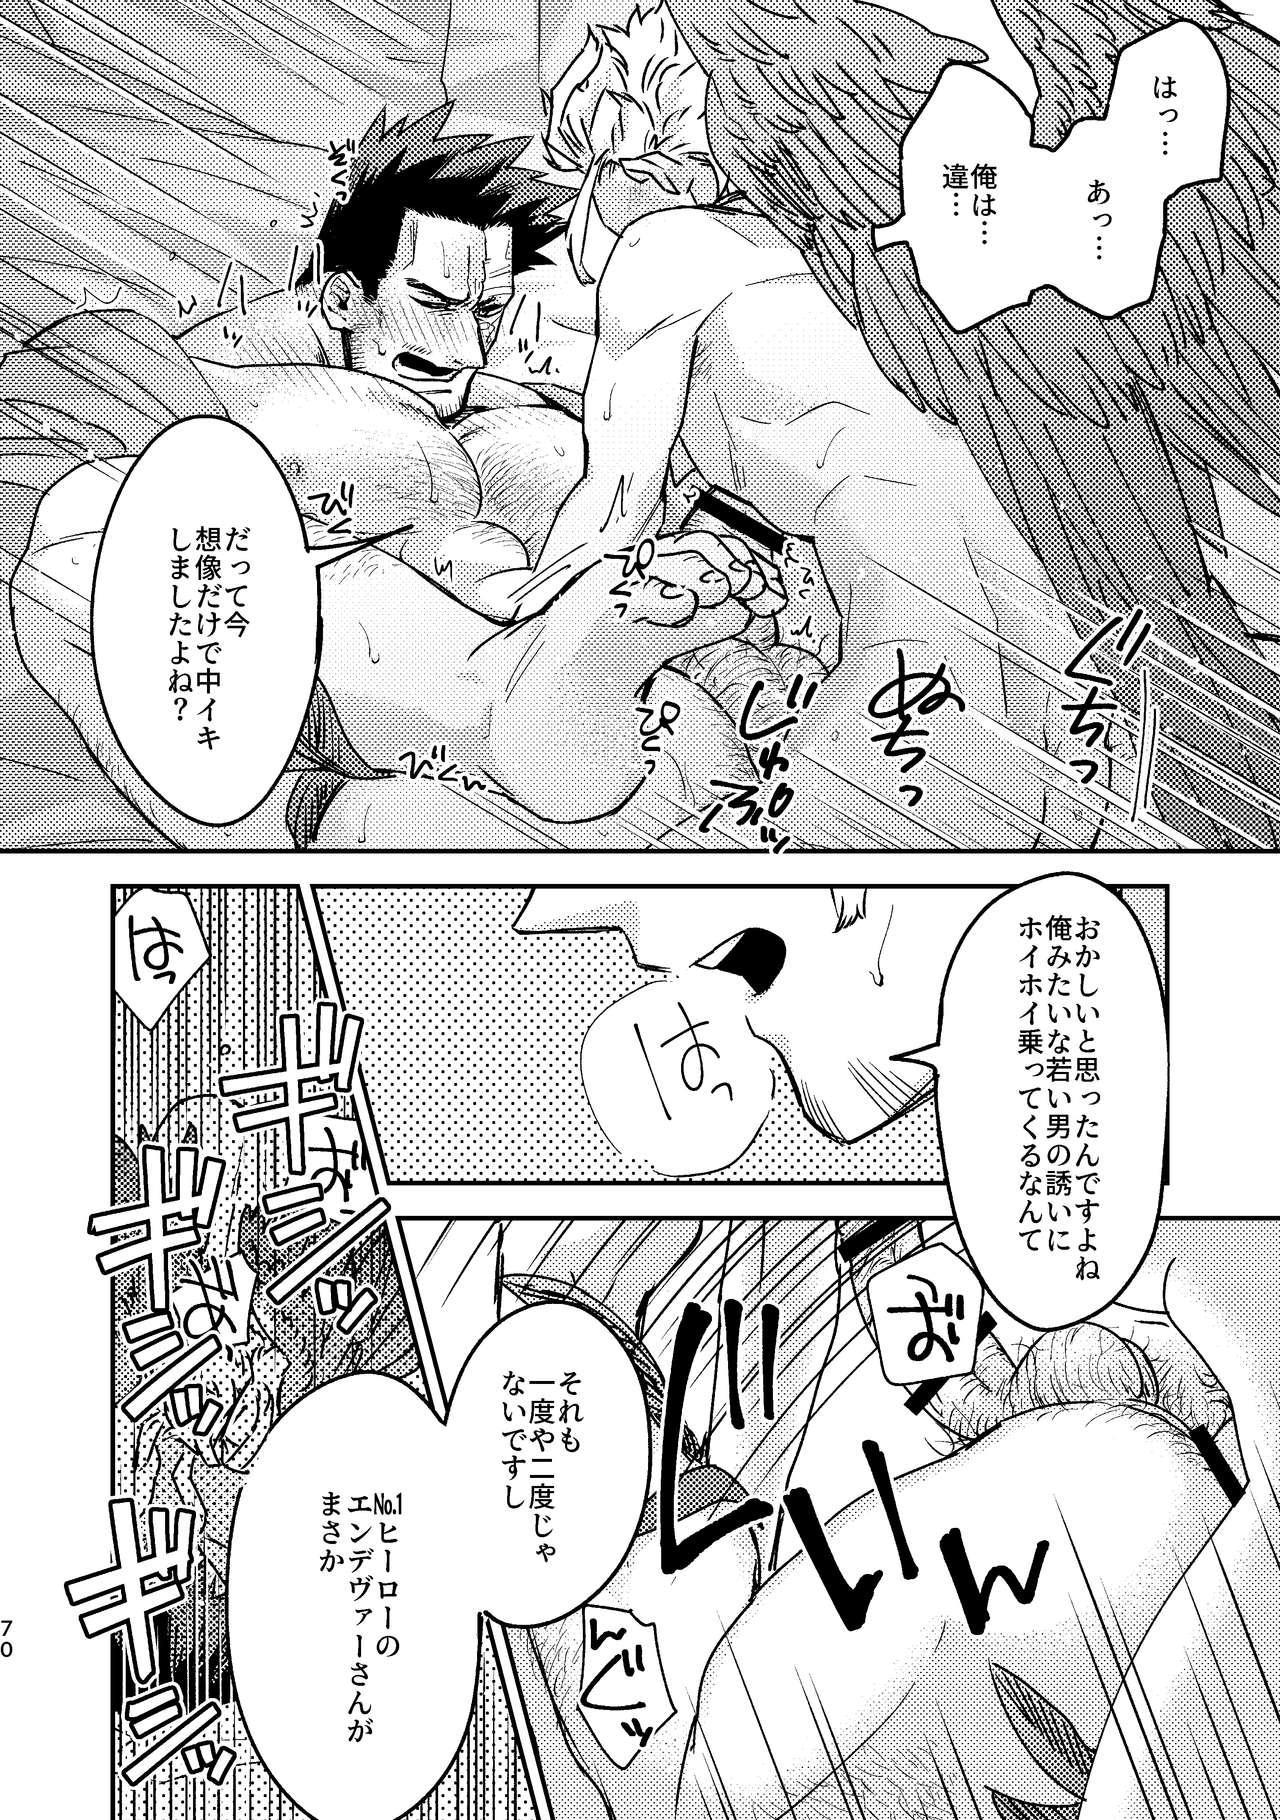 WEB Sairoku Zumi HawEn Manga ga Kami demo Yomeru Hon. 69